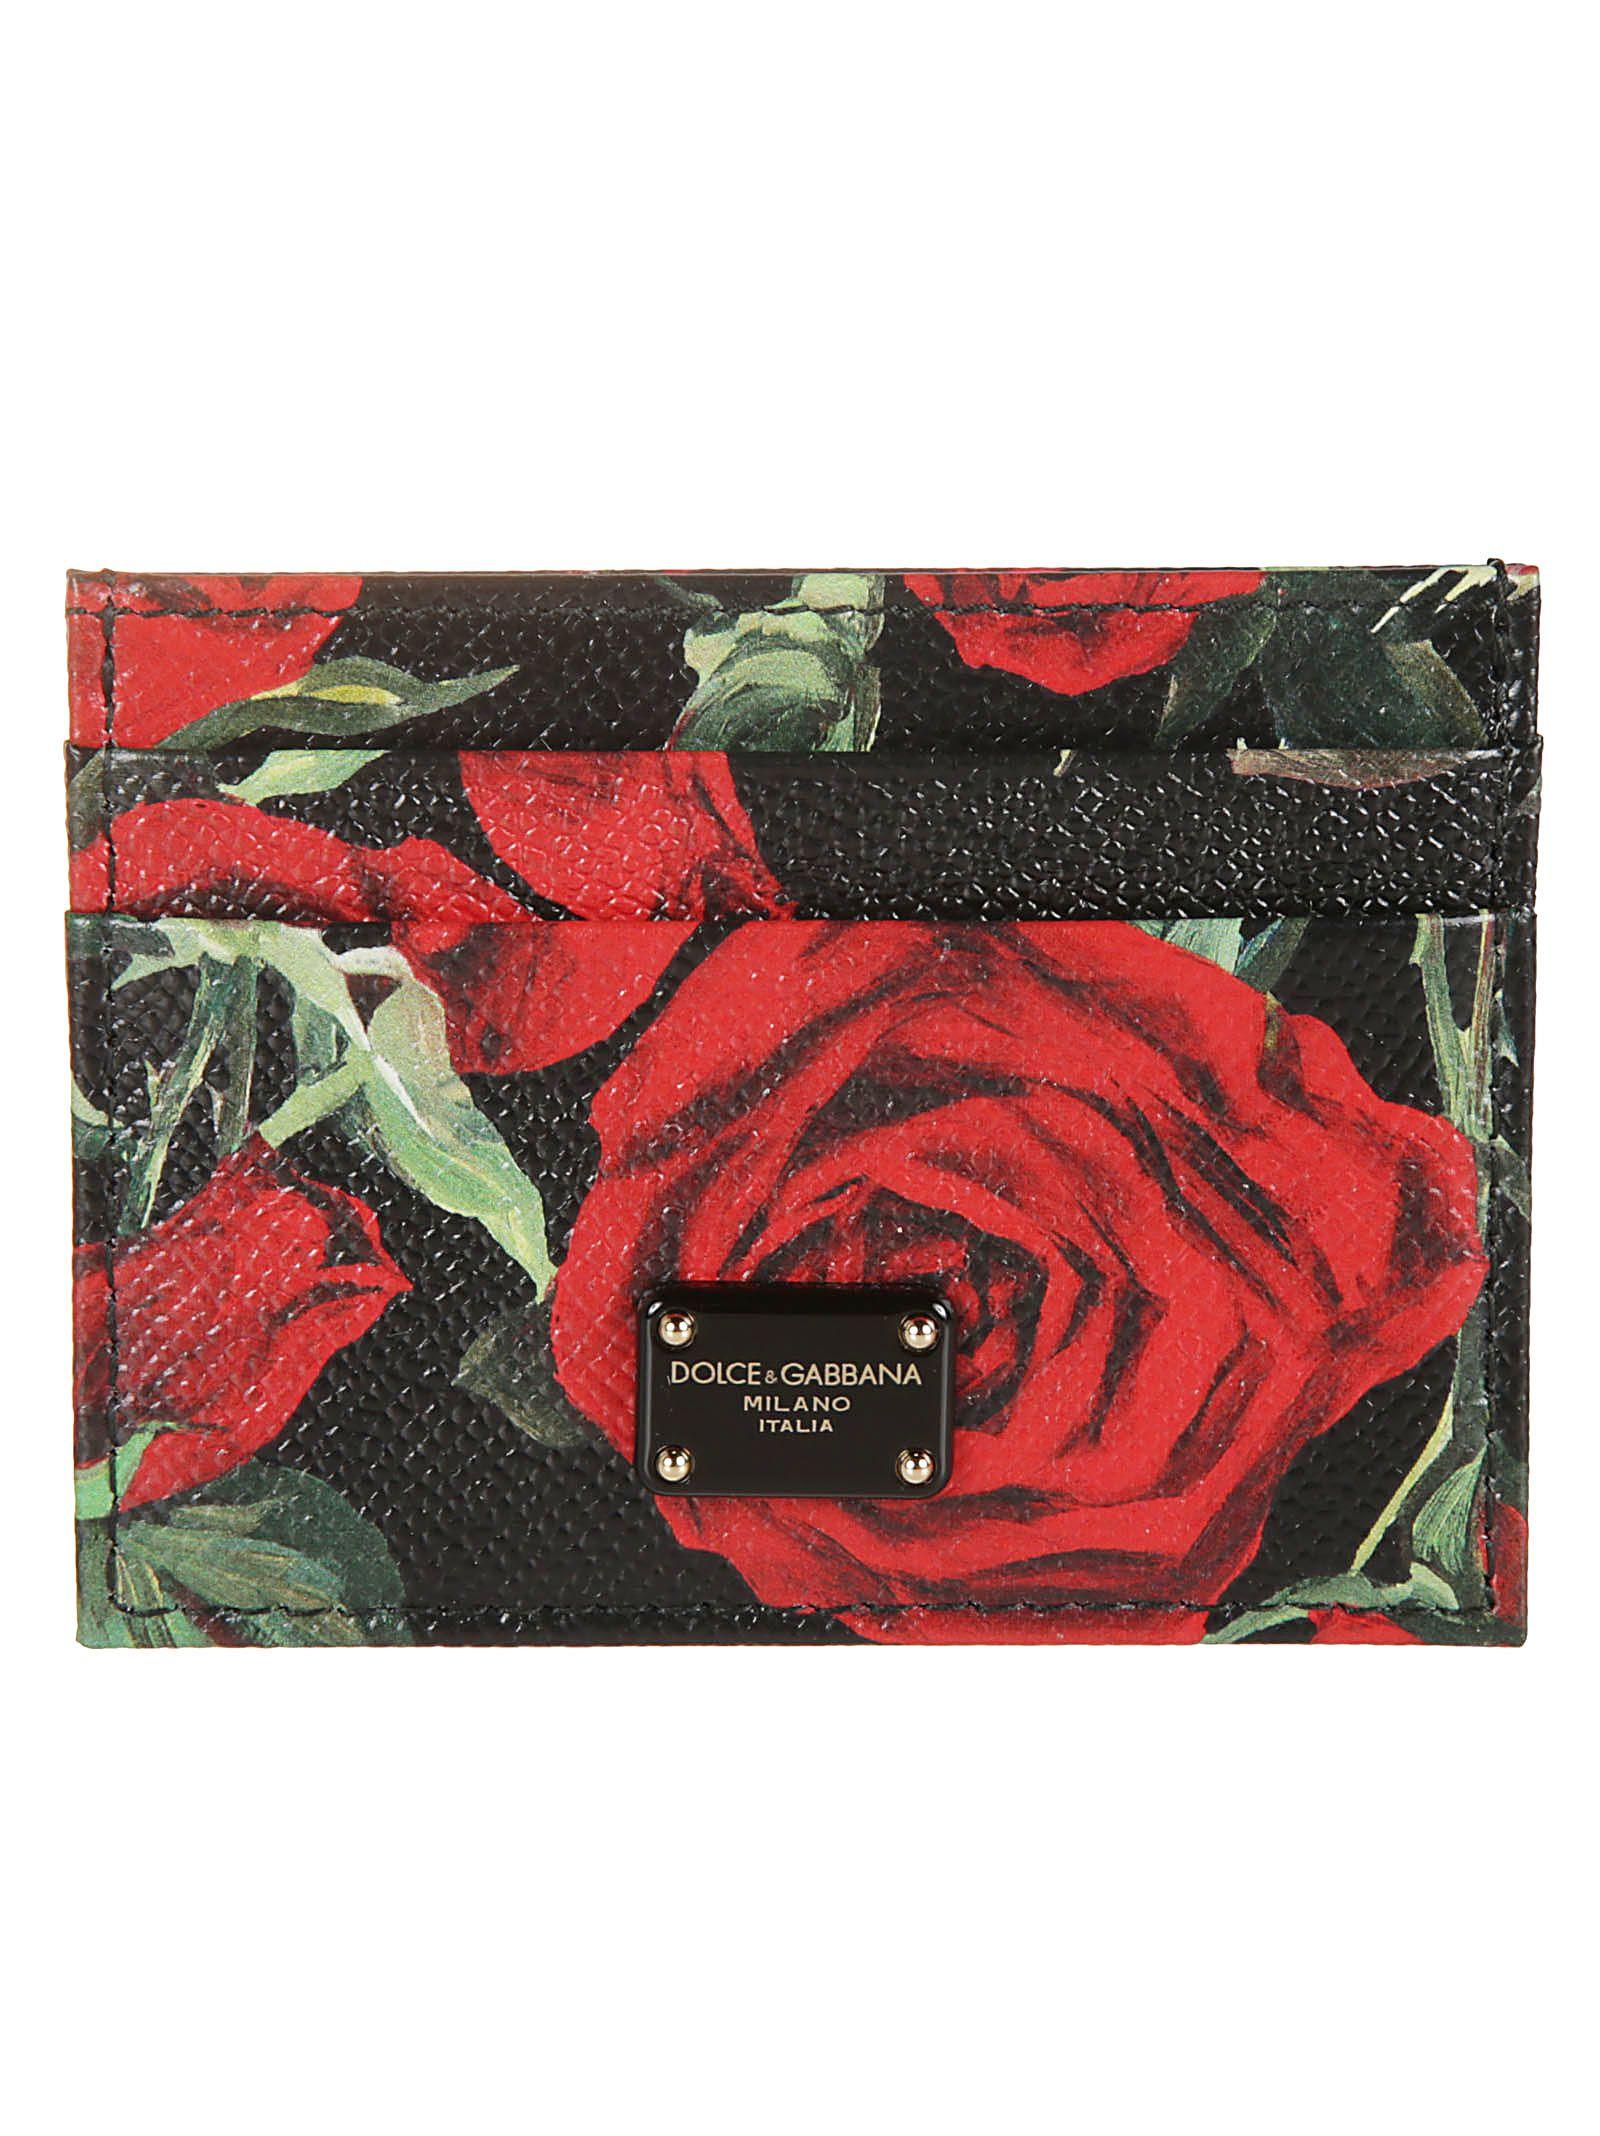 Dolce & Gabbana Floral & Logo Plaque Cardholder